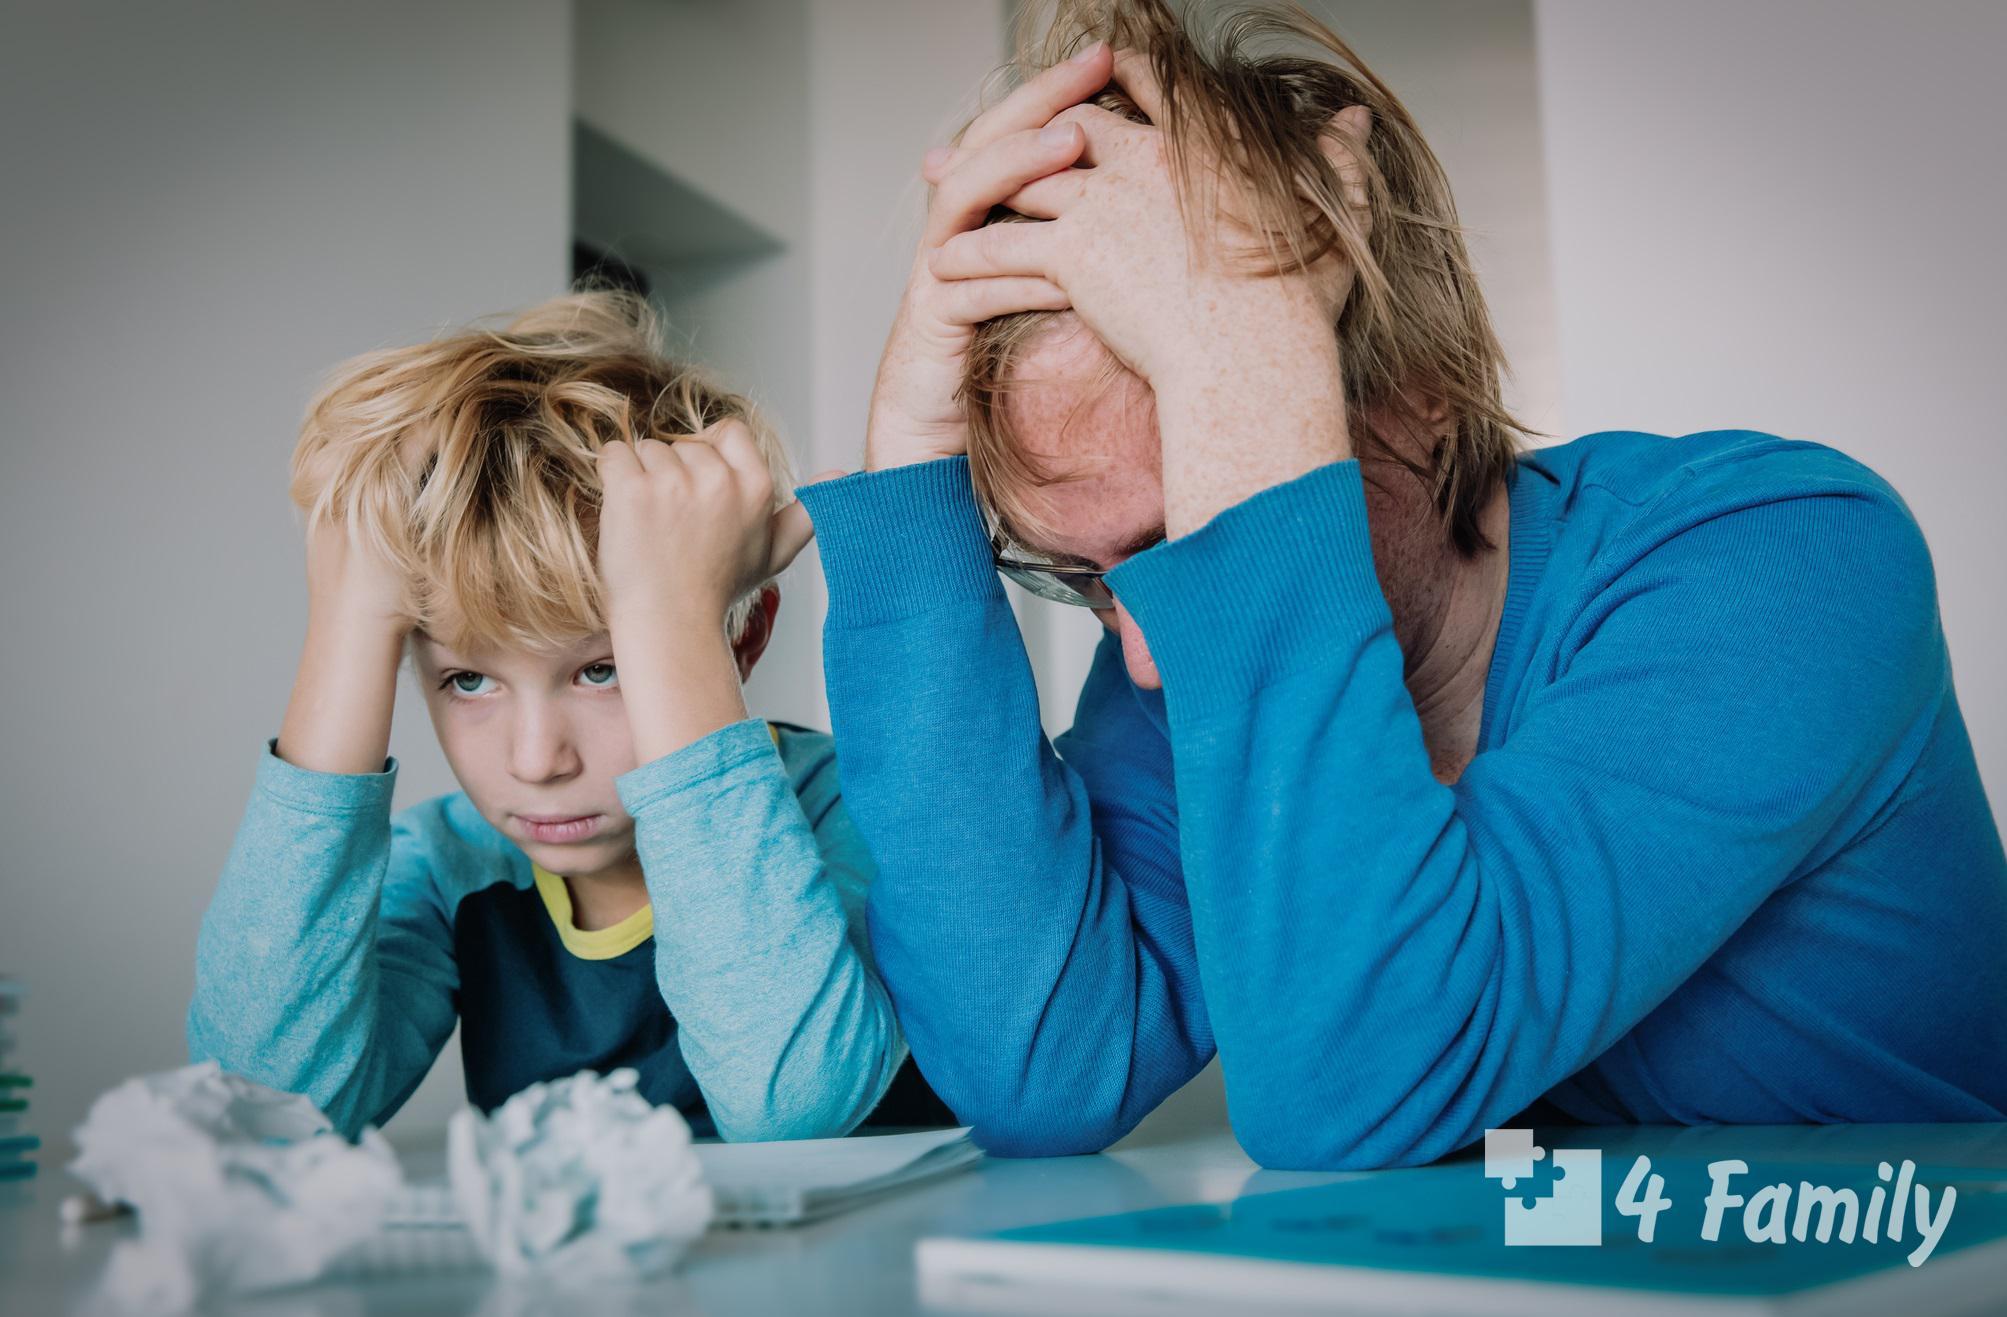 4family Почему дети не думают о последствиях своих поступков